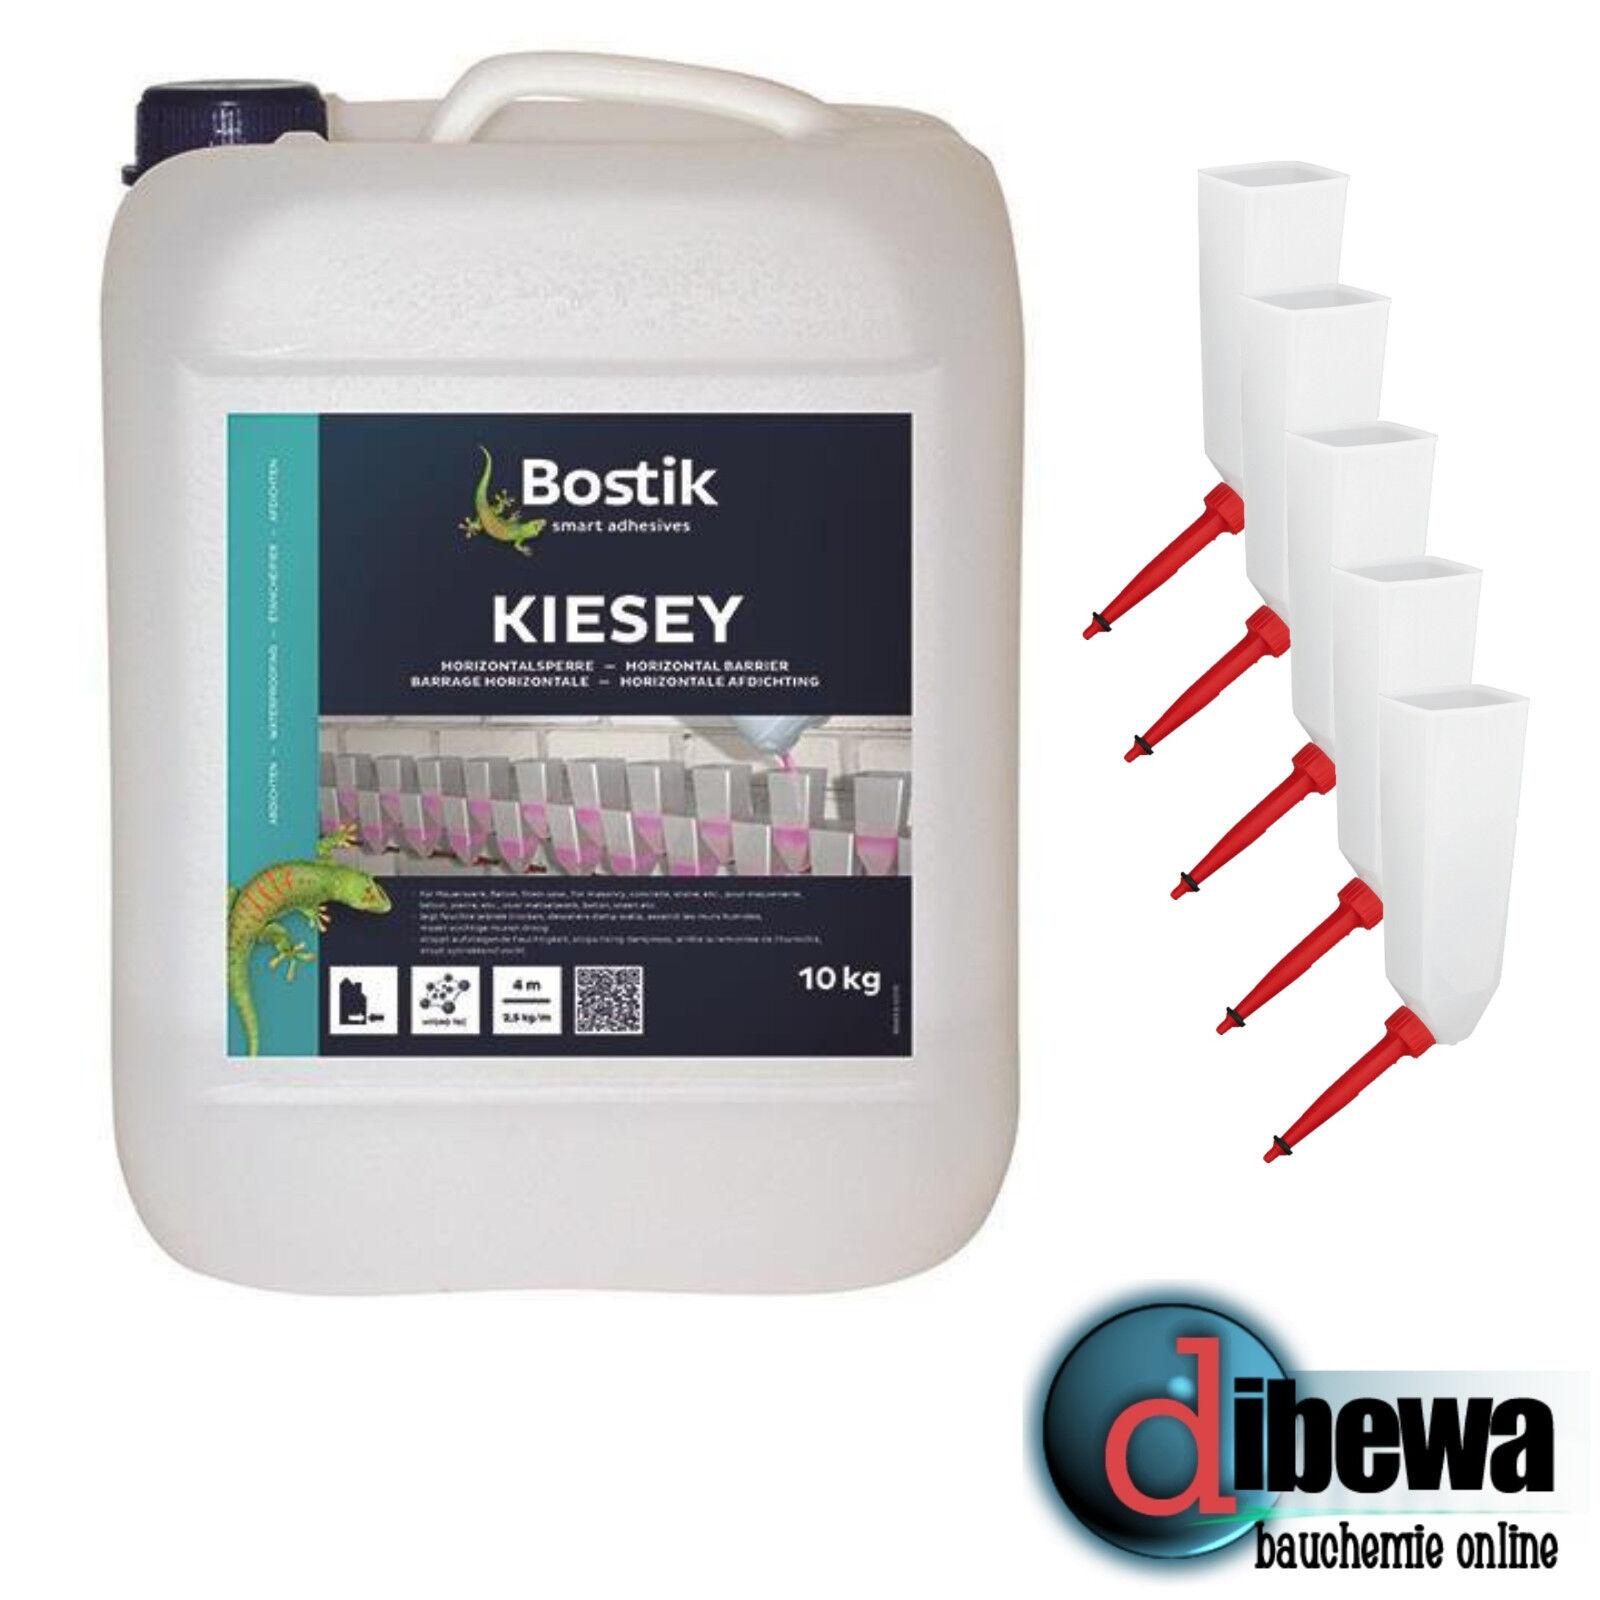 10 KG Bostik Kiesey Horizontalsperre + 5 Injektionstrichter